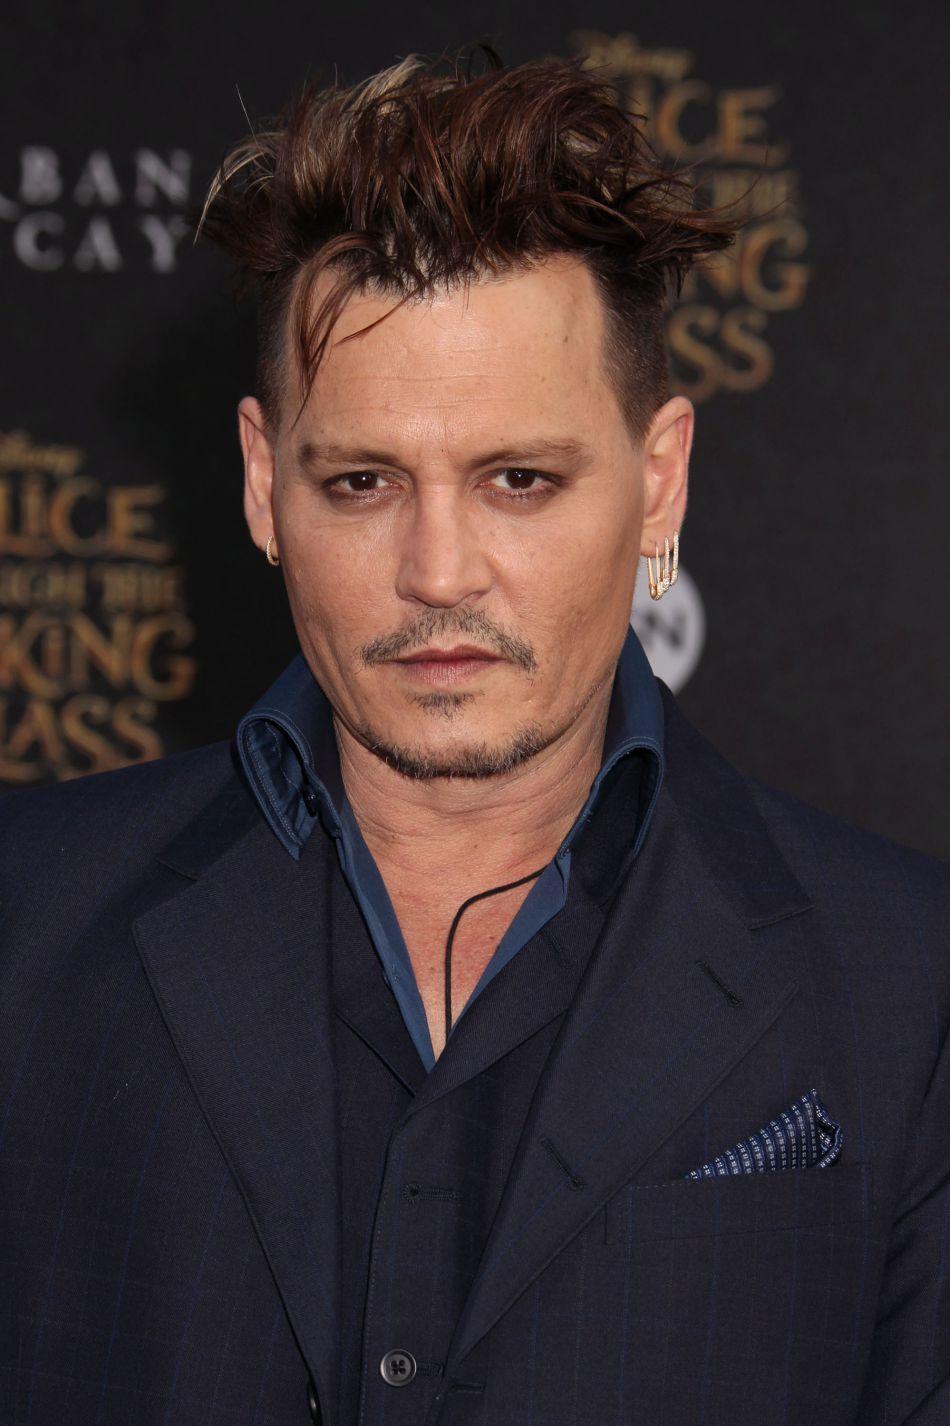 D'après Vanessa Paradis, Doug Stanhope, Lily-Rose et Winona Ryder, Johnny Depp est un homme sensible et aimant.